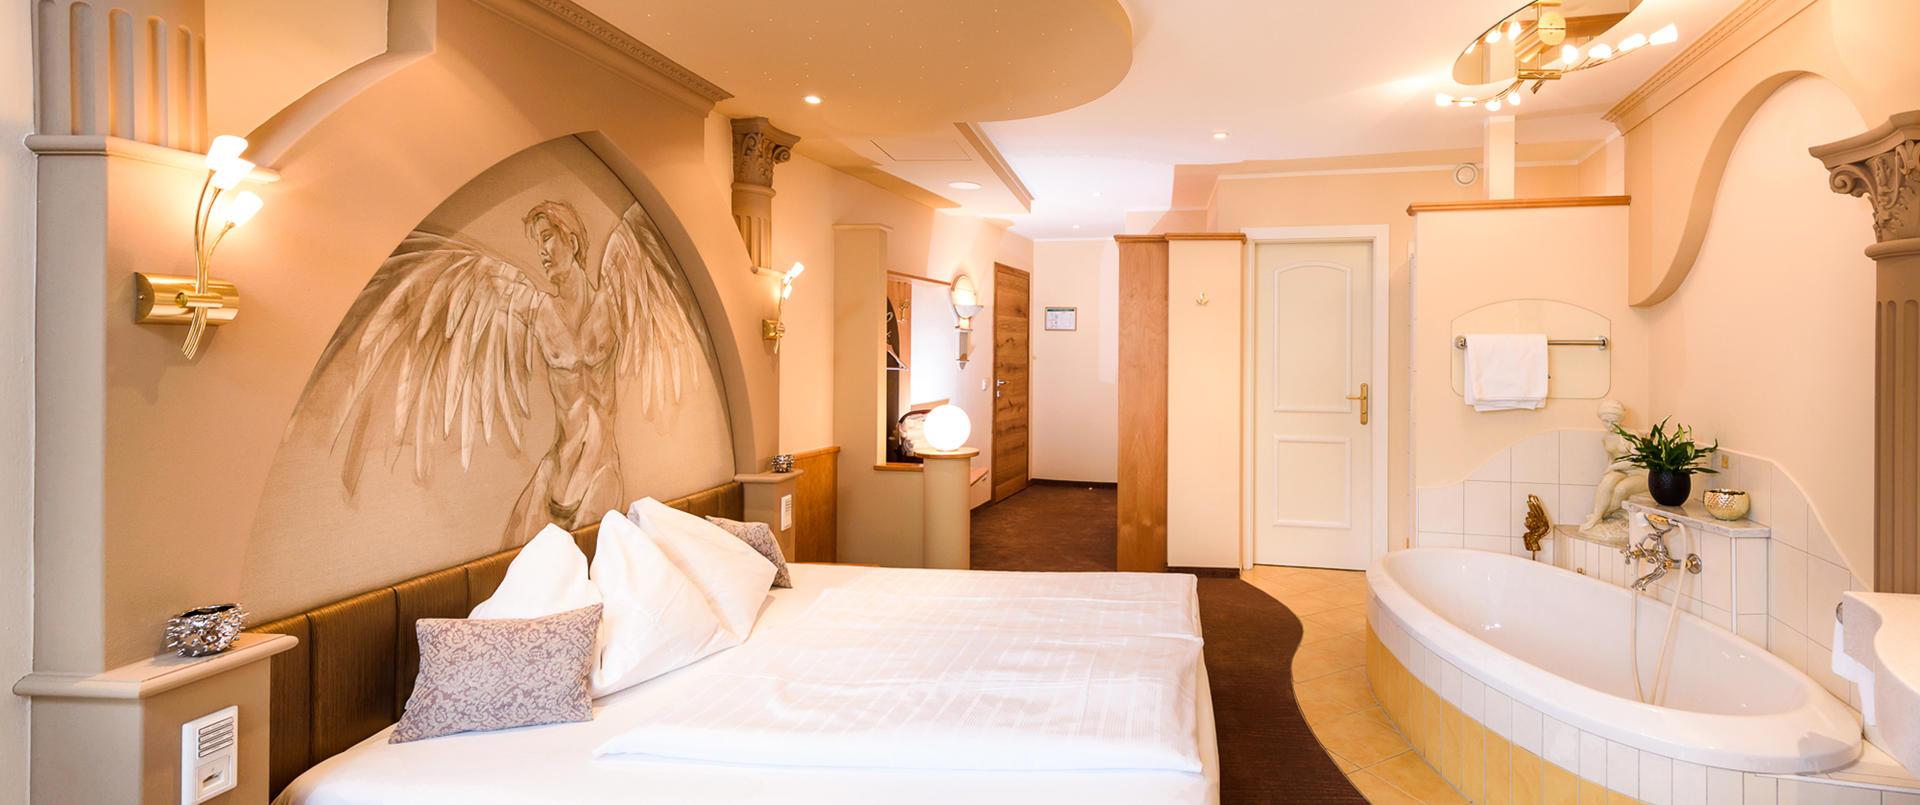 Hotelzimmer Engel Hotel Bergergut S Loveness Genusshotel